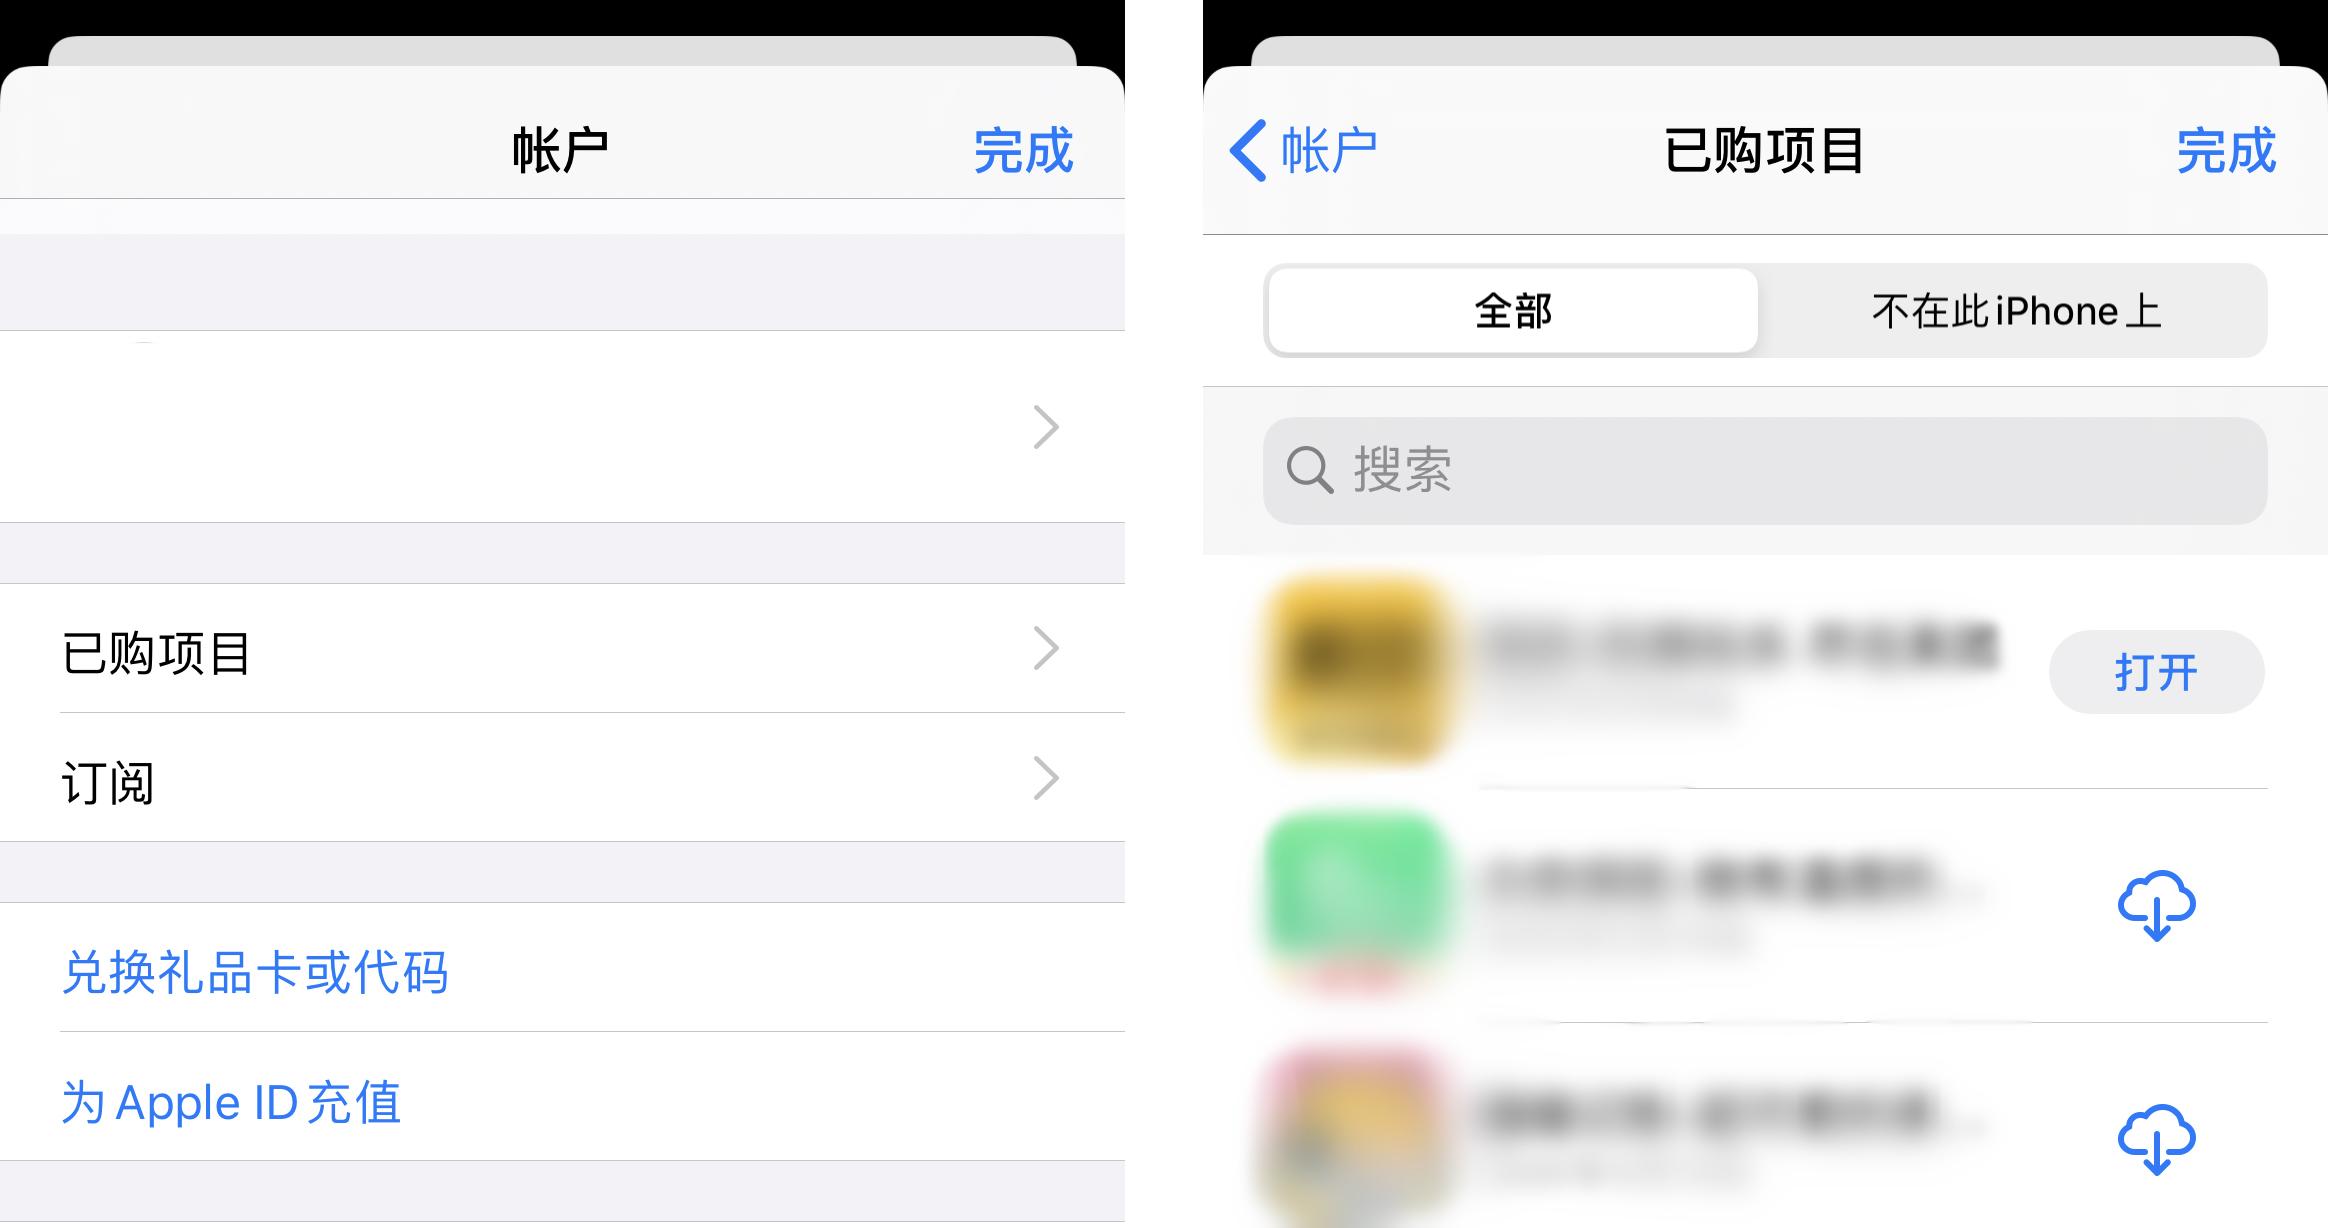 如何查看从 App Store 下载过的应用?